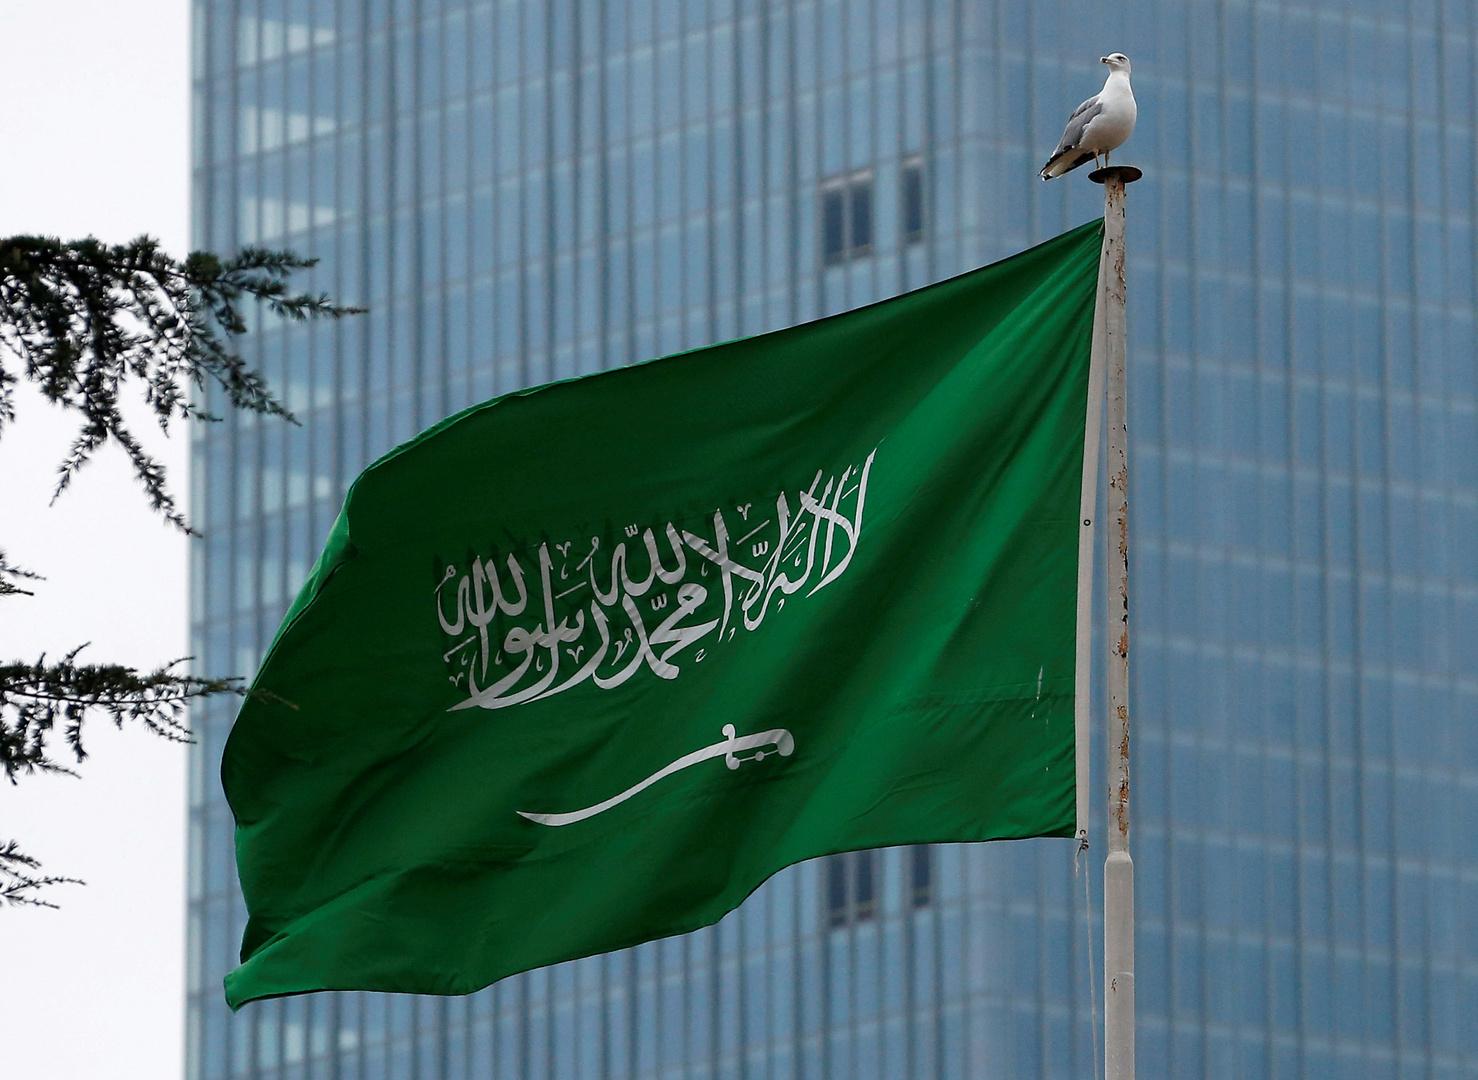 السعودية تسلم مساهمة للصندوق الطوعي للآلية الدولية المحايدة المعنية بسوريا بقيمة مليون دولار